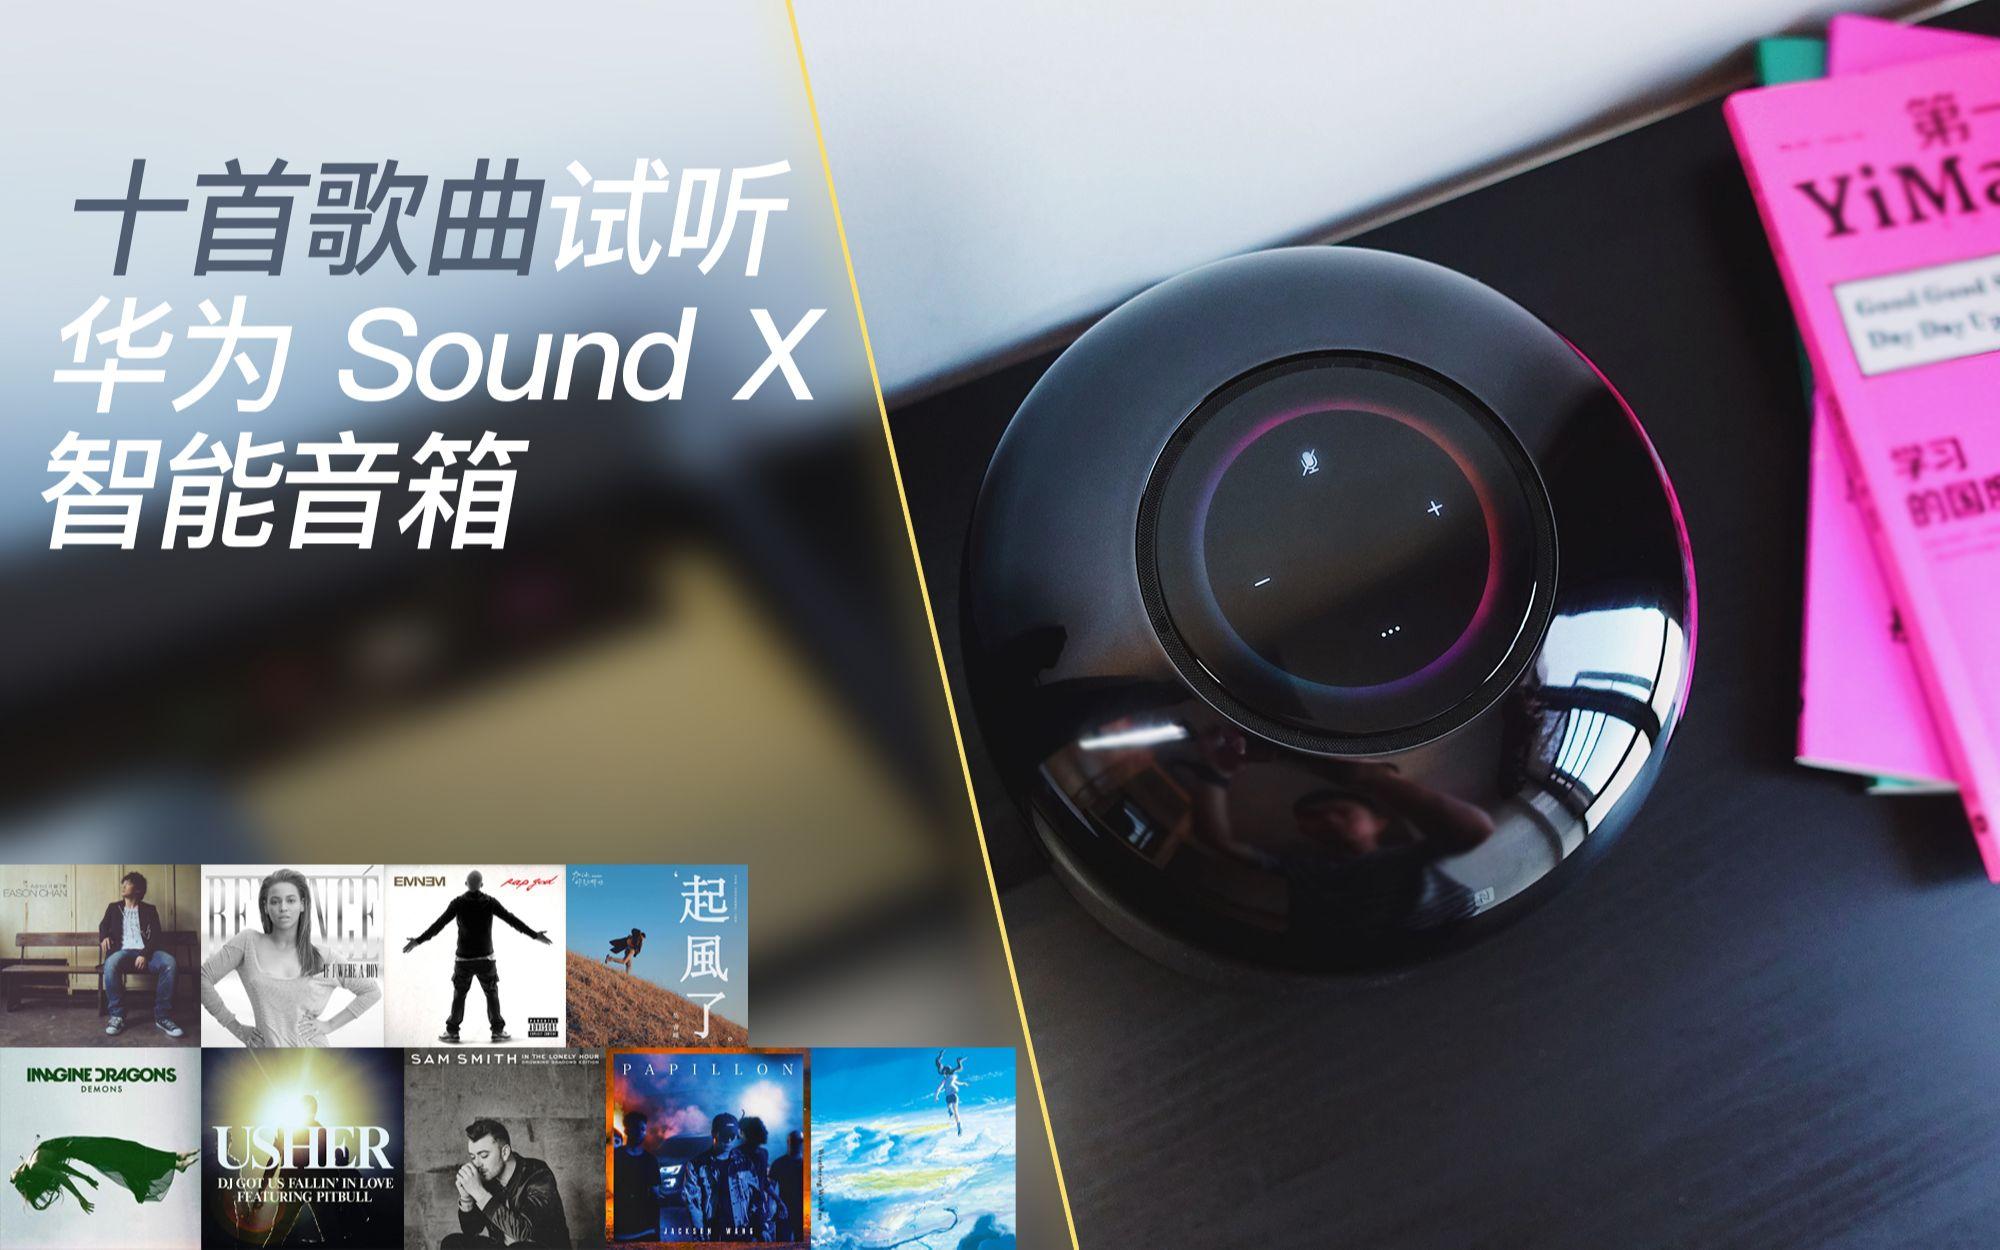 用十首歌打开华为 Sound X 帝瓦雷音响,华为Sound X-花粉俱乐部